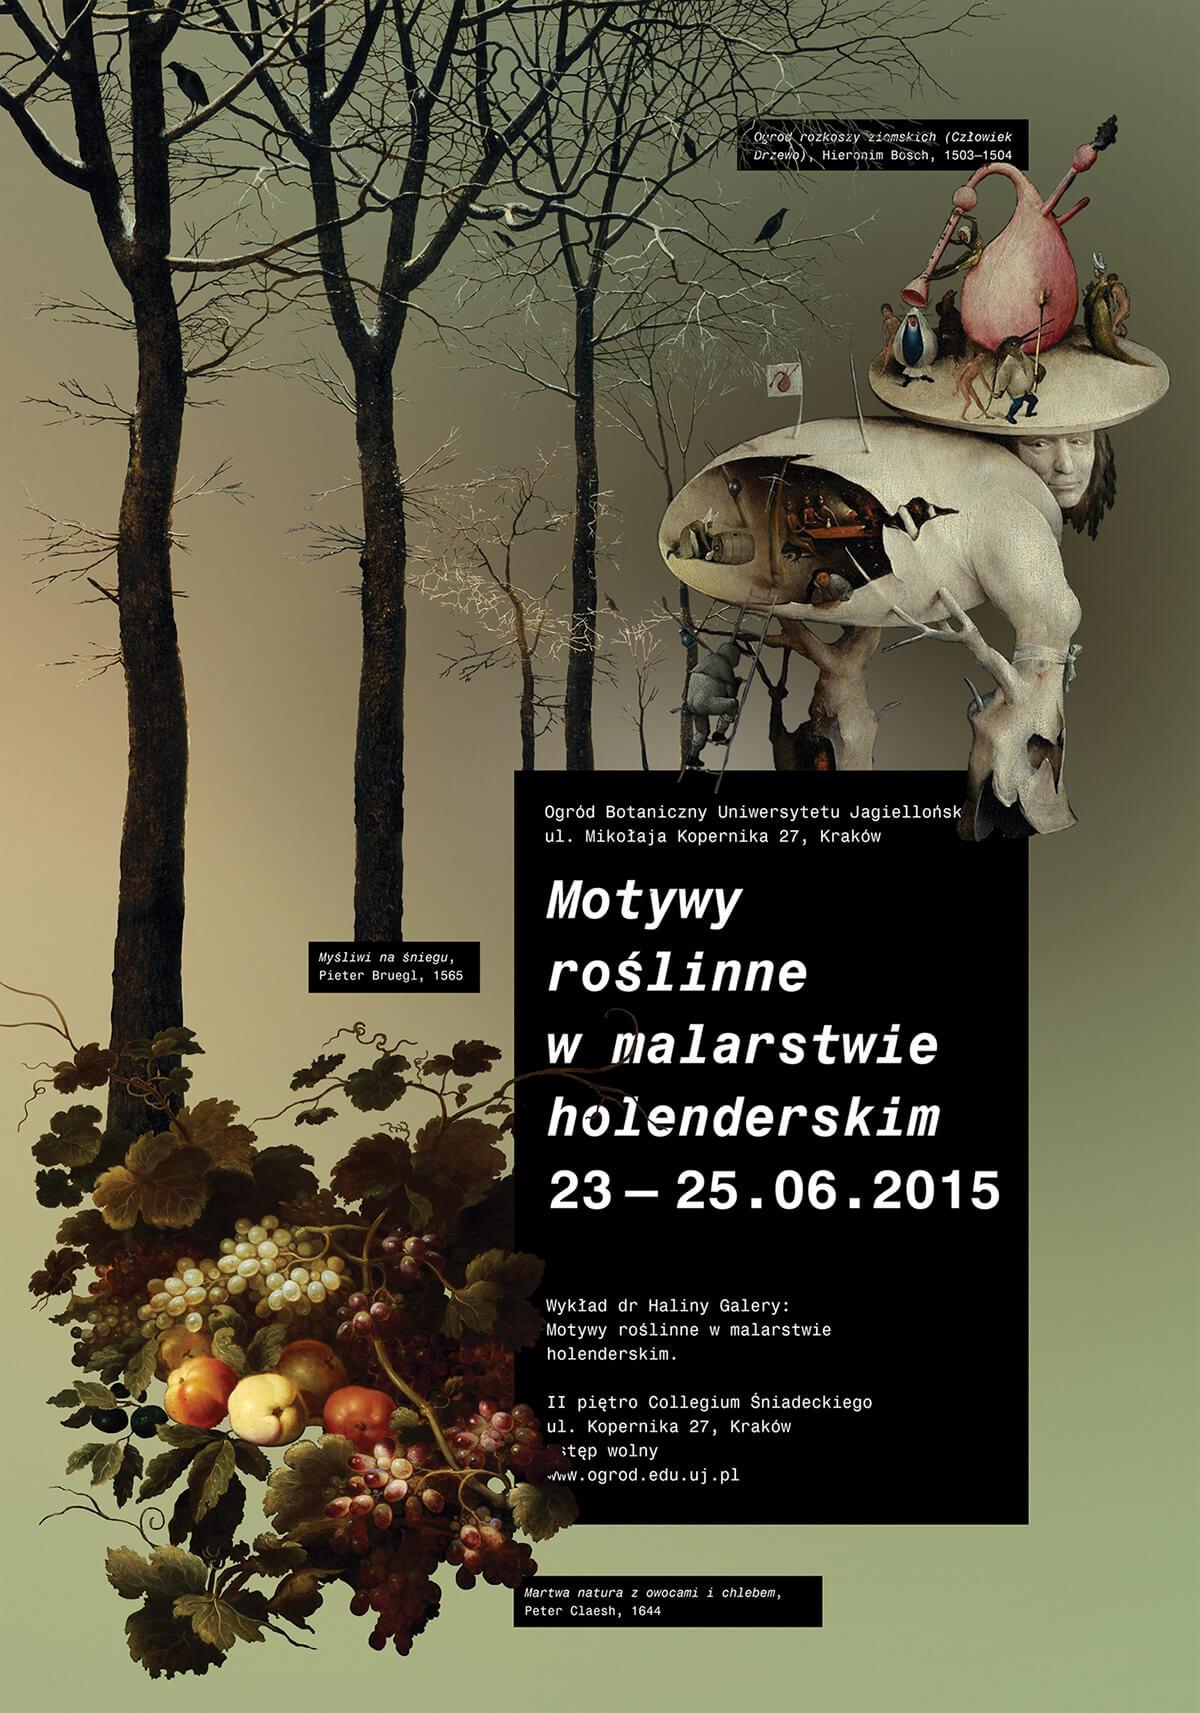 plakat pt. Motywy roślinne w malarstwie holenderskim